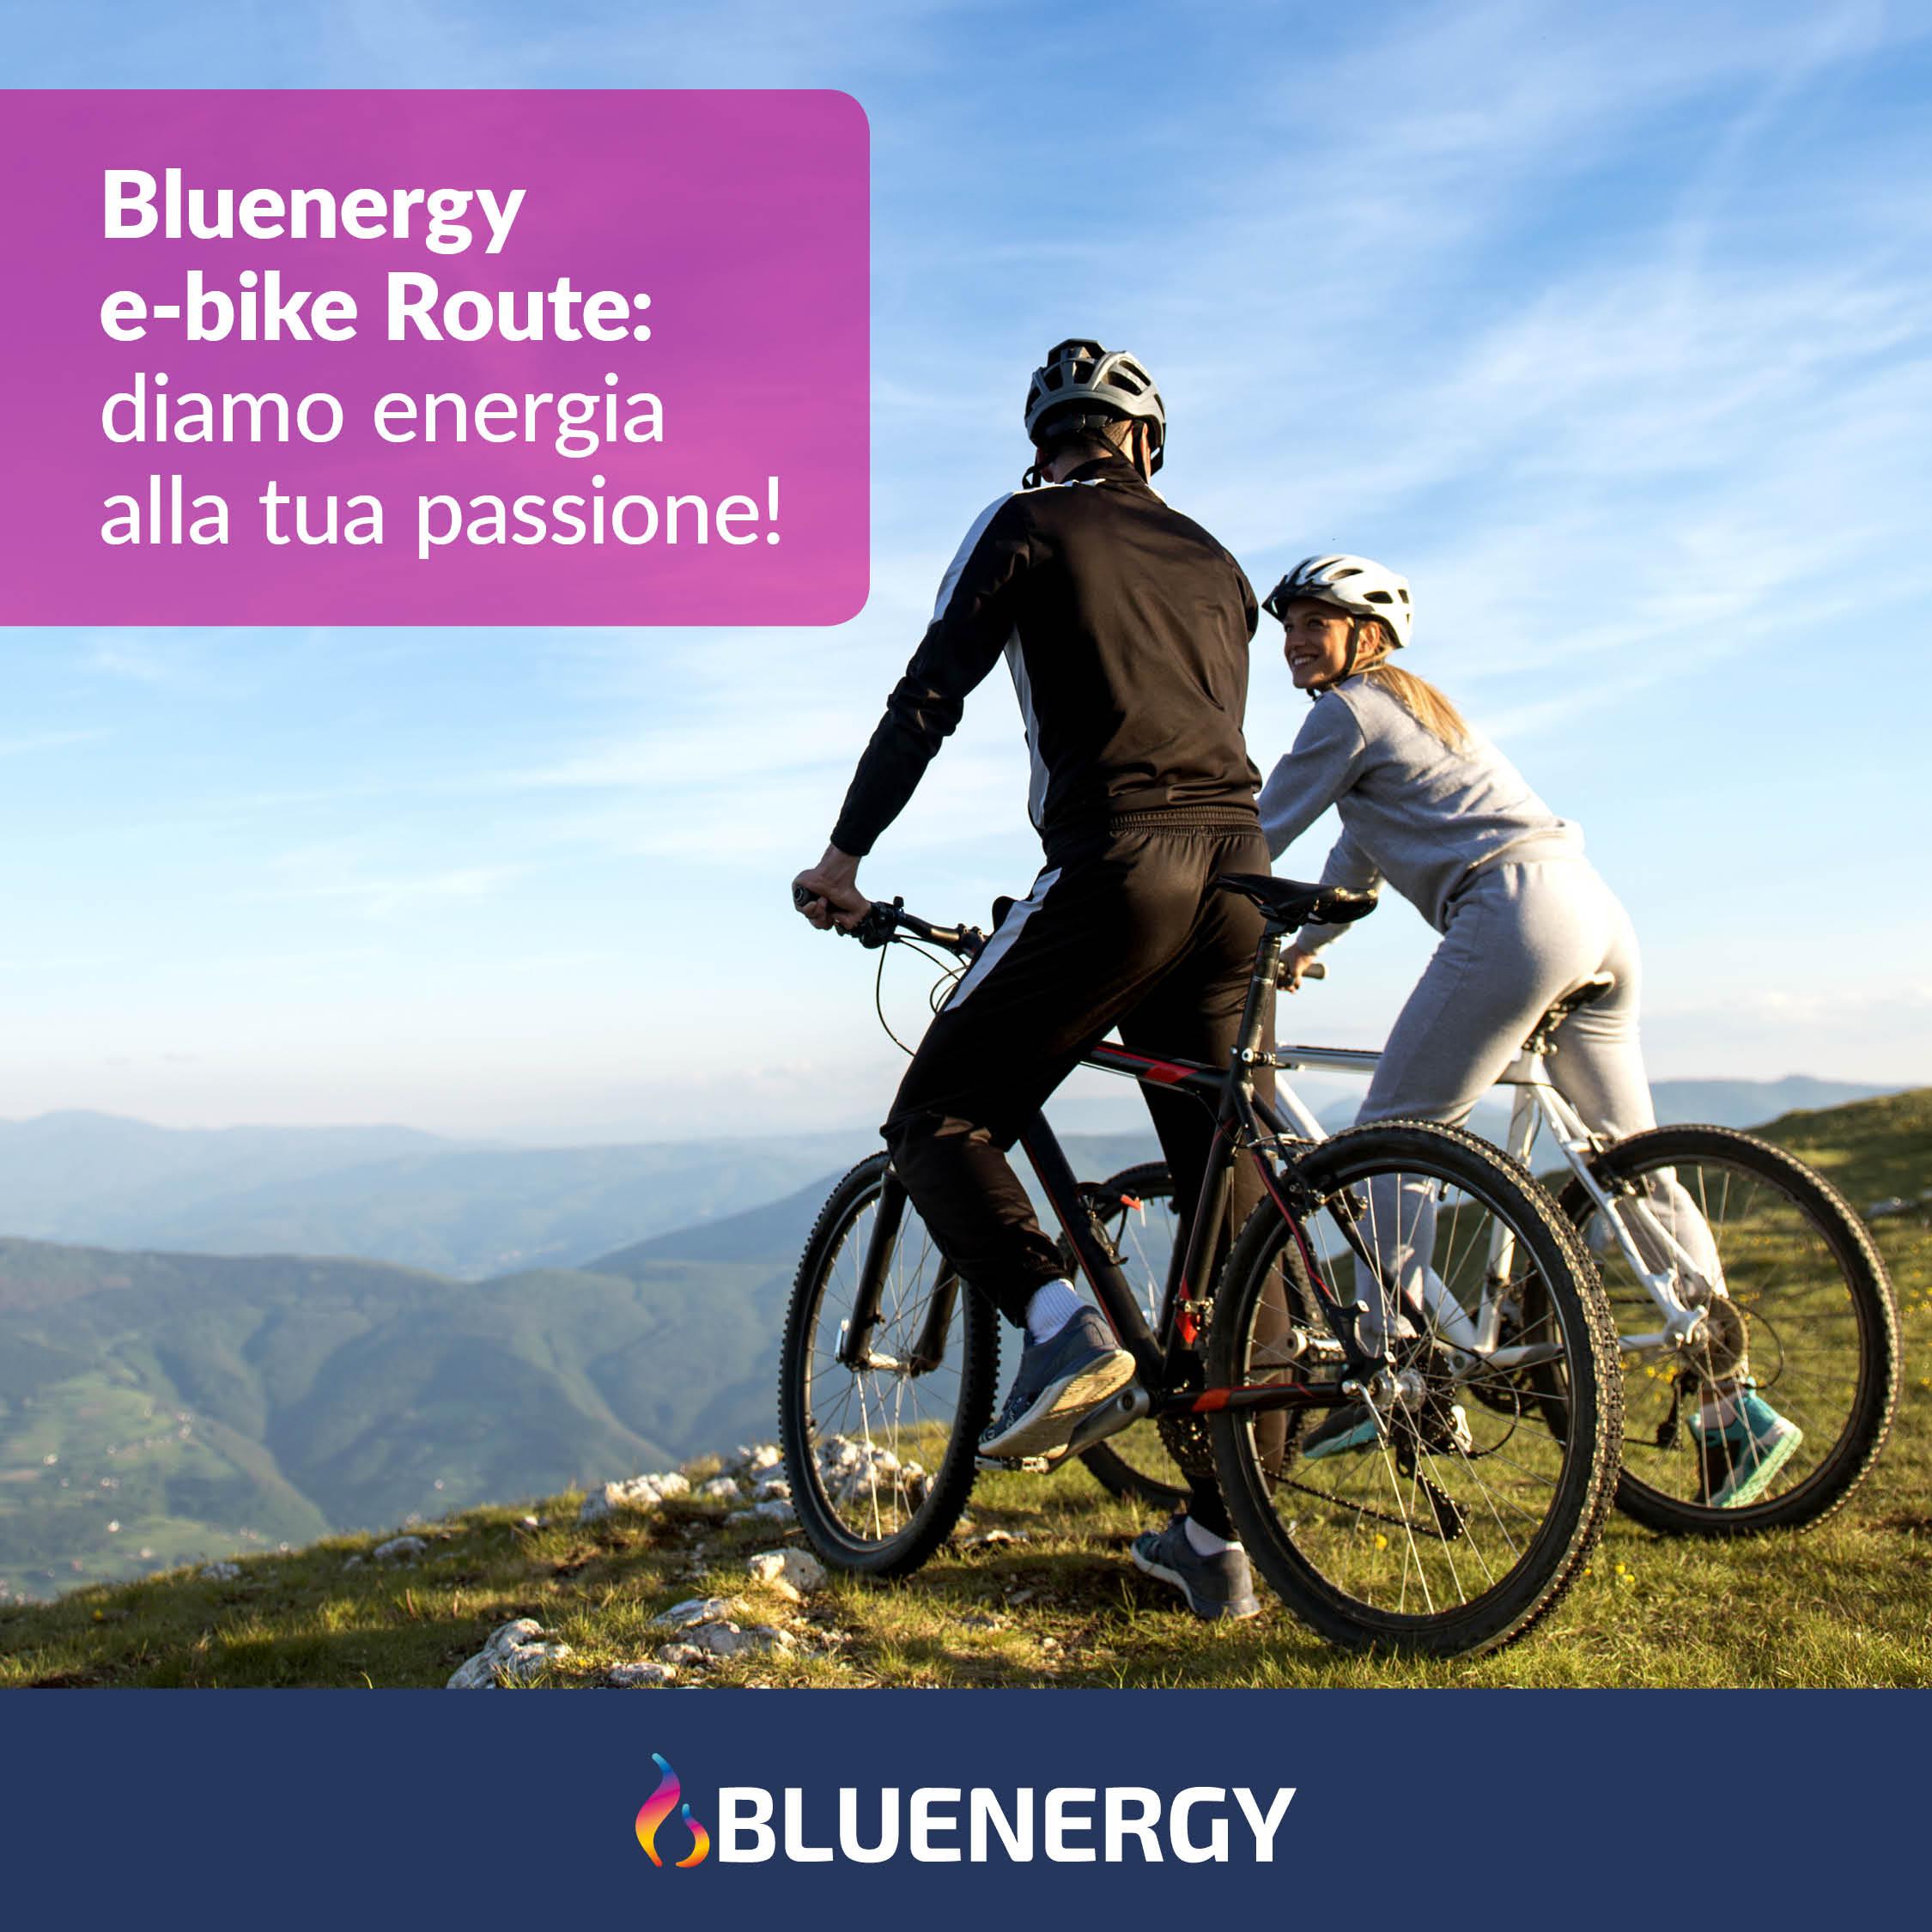 Bluenergy e-bike Route: nasce il percorso dedicato alle bici elettriche